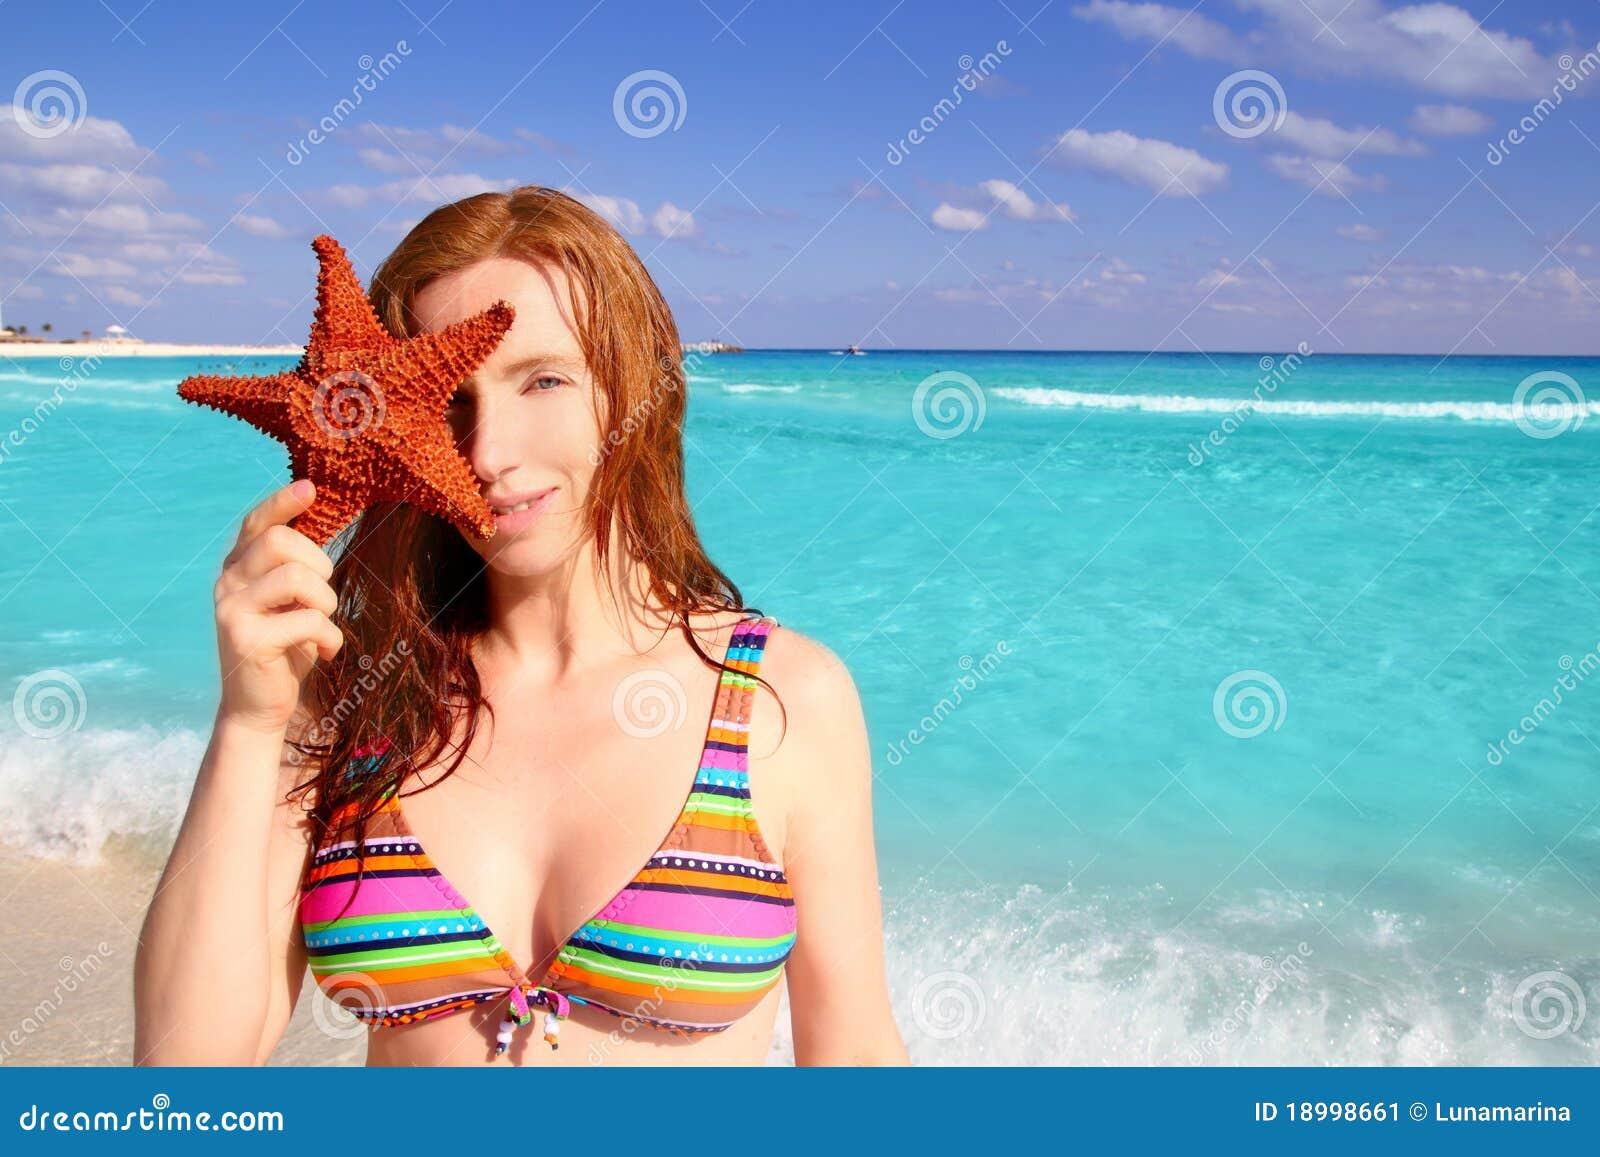 Praia tropical dos starfish da preensão da mulher do turista